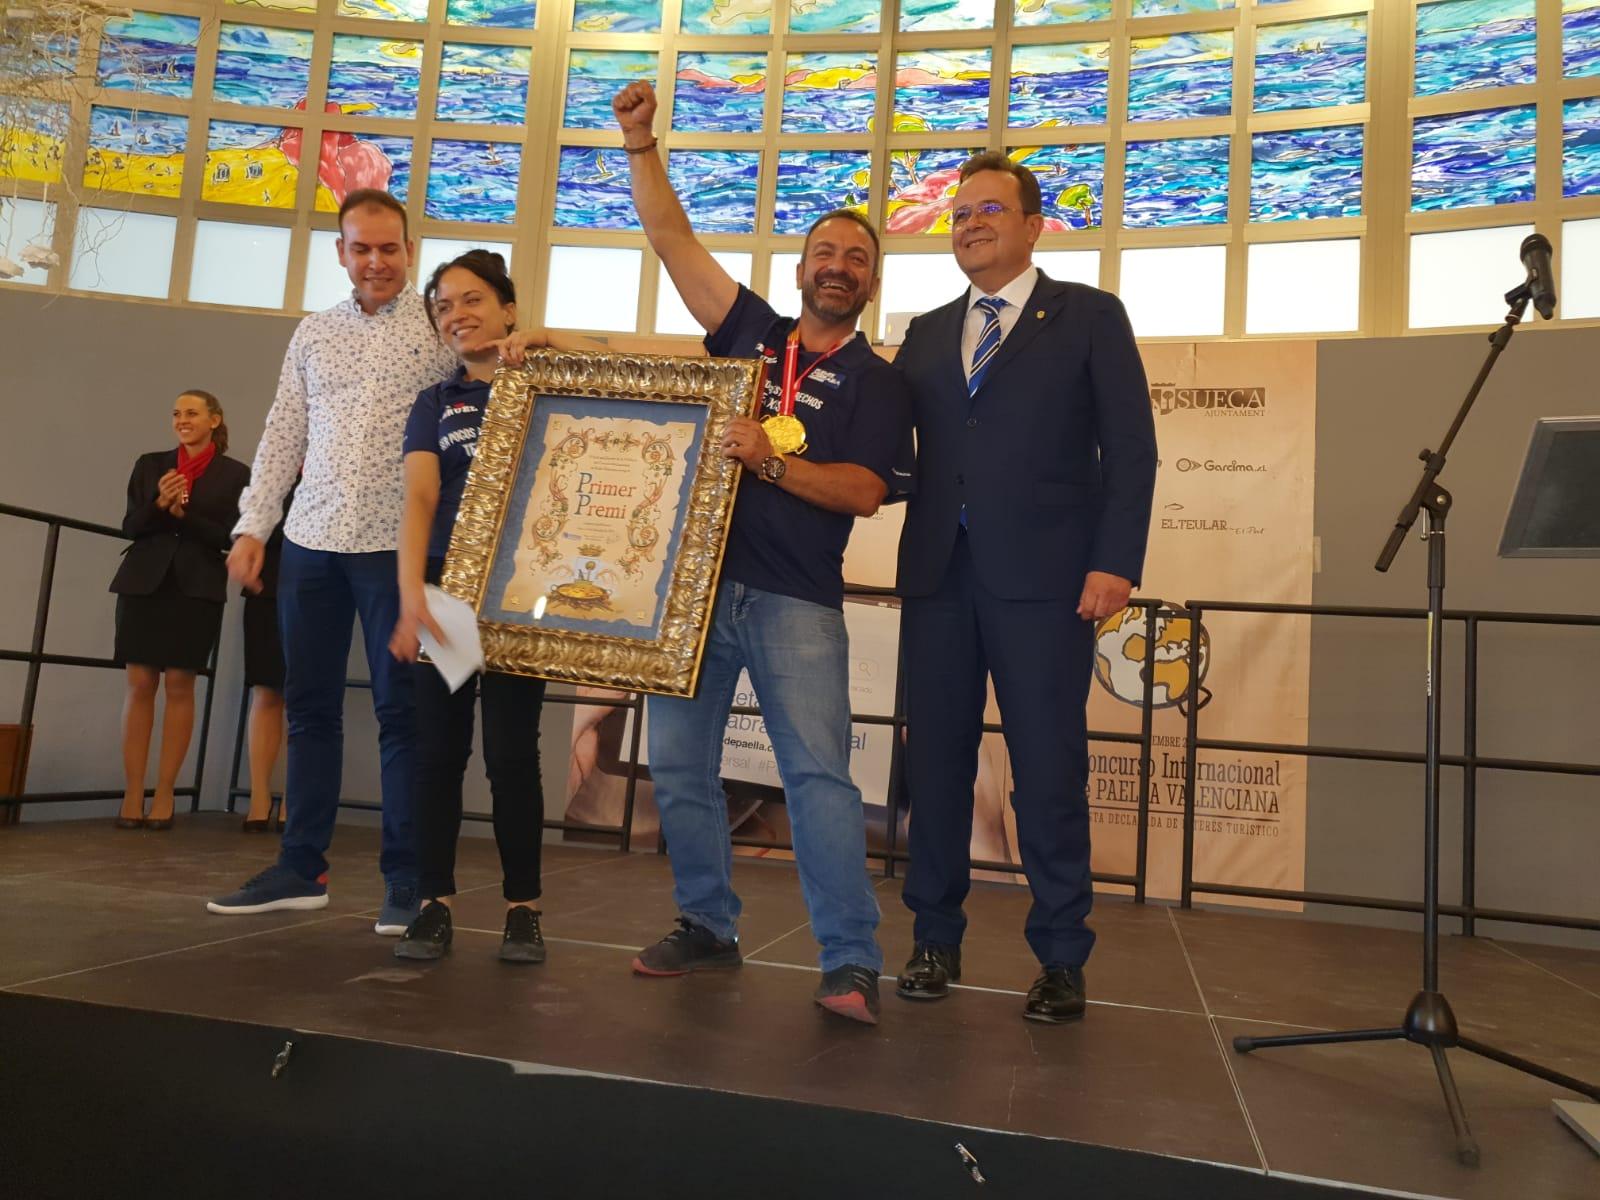 eventos.horeca-concurso-paella-sueca